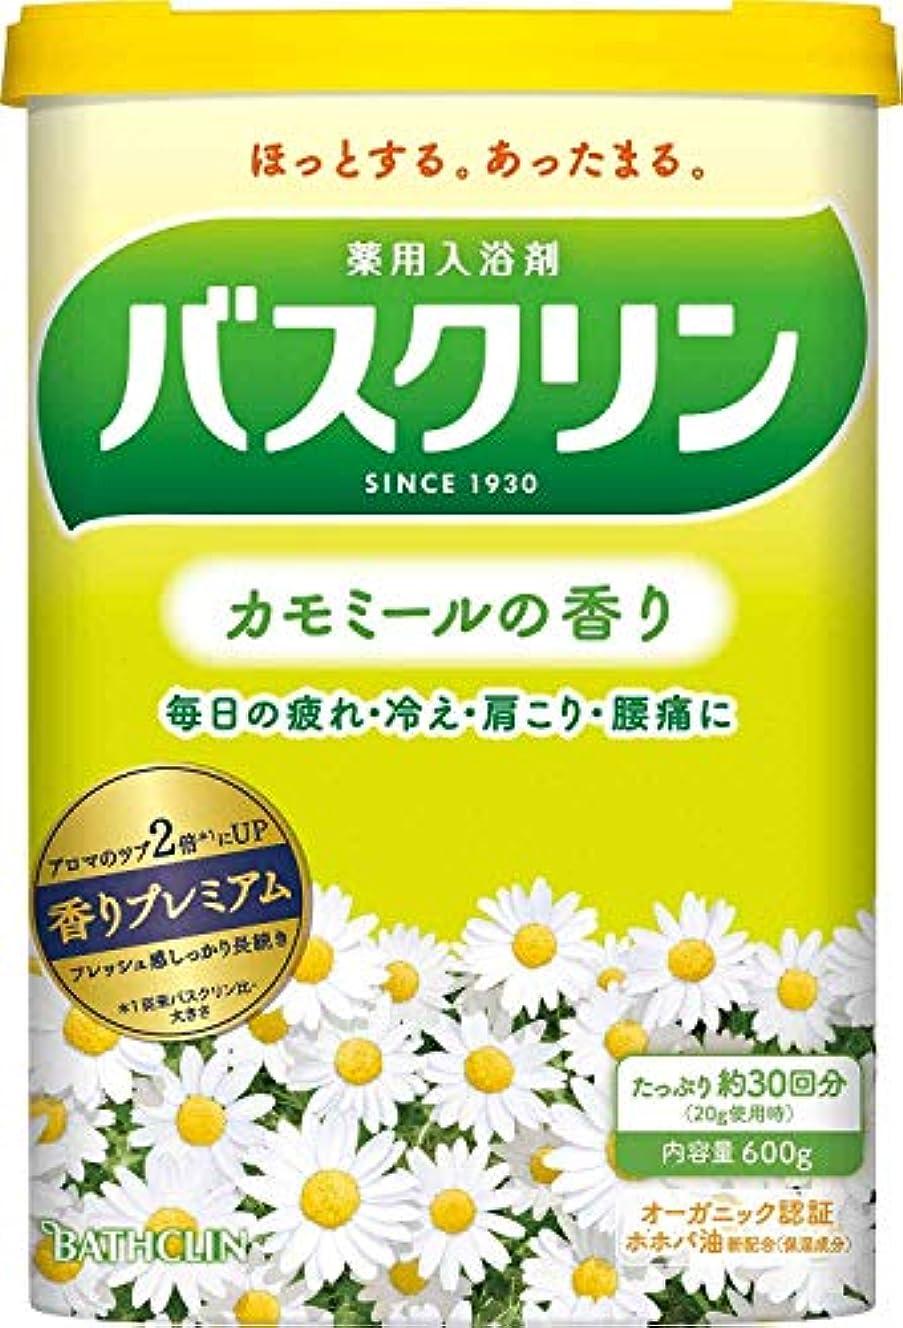 ドロー禁止するライセンス【医薬部外品】バスクリンカモミールの香り600g入浴剤(約30回分)